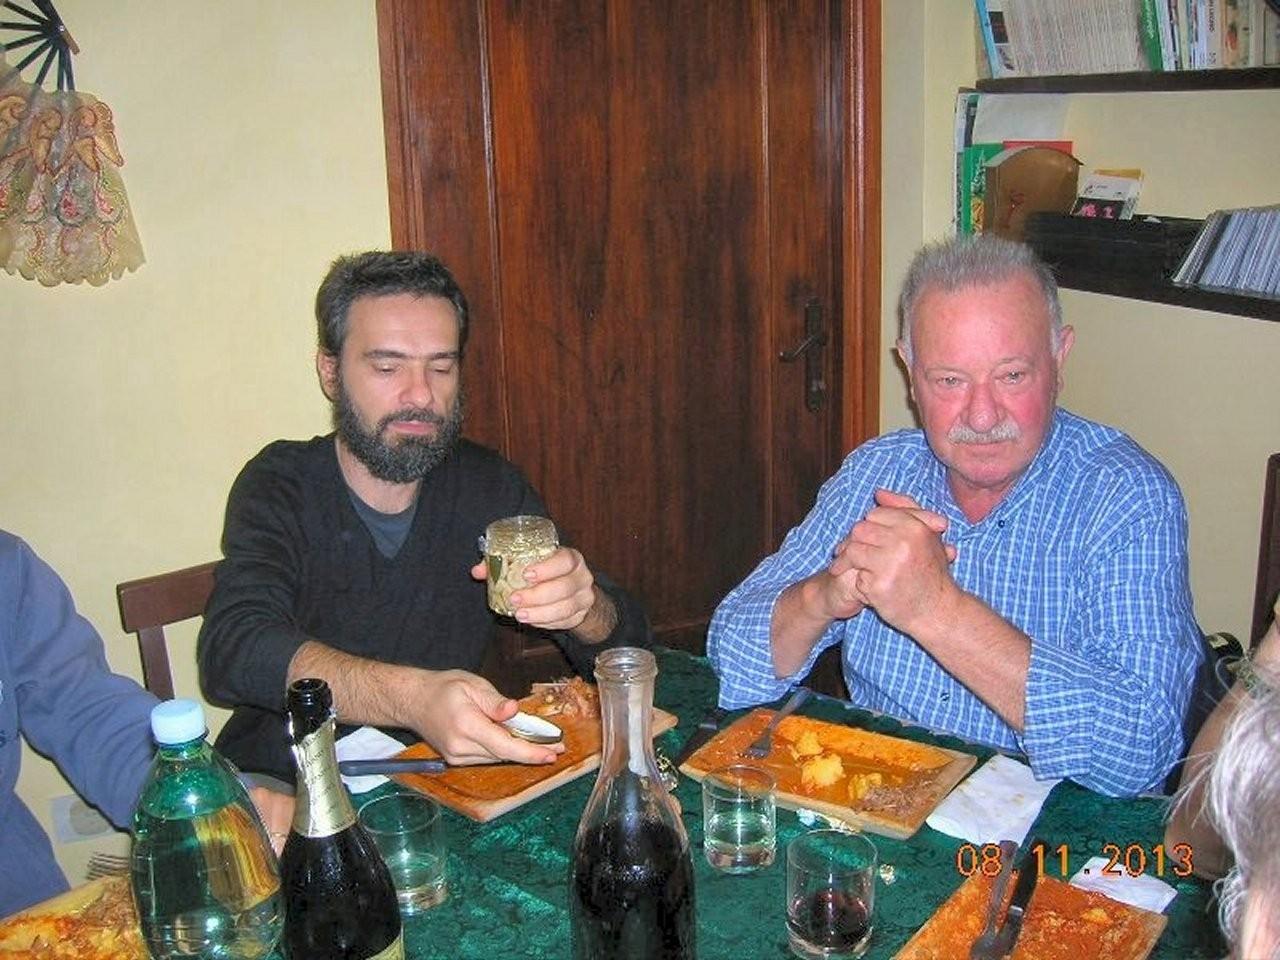 08-11-2013 galletti e polenta da Renato